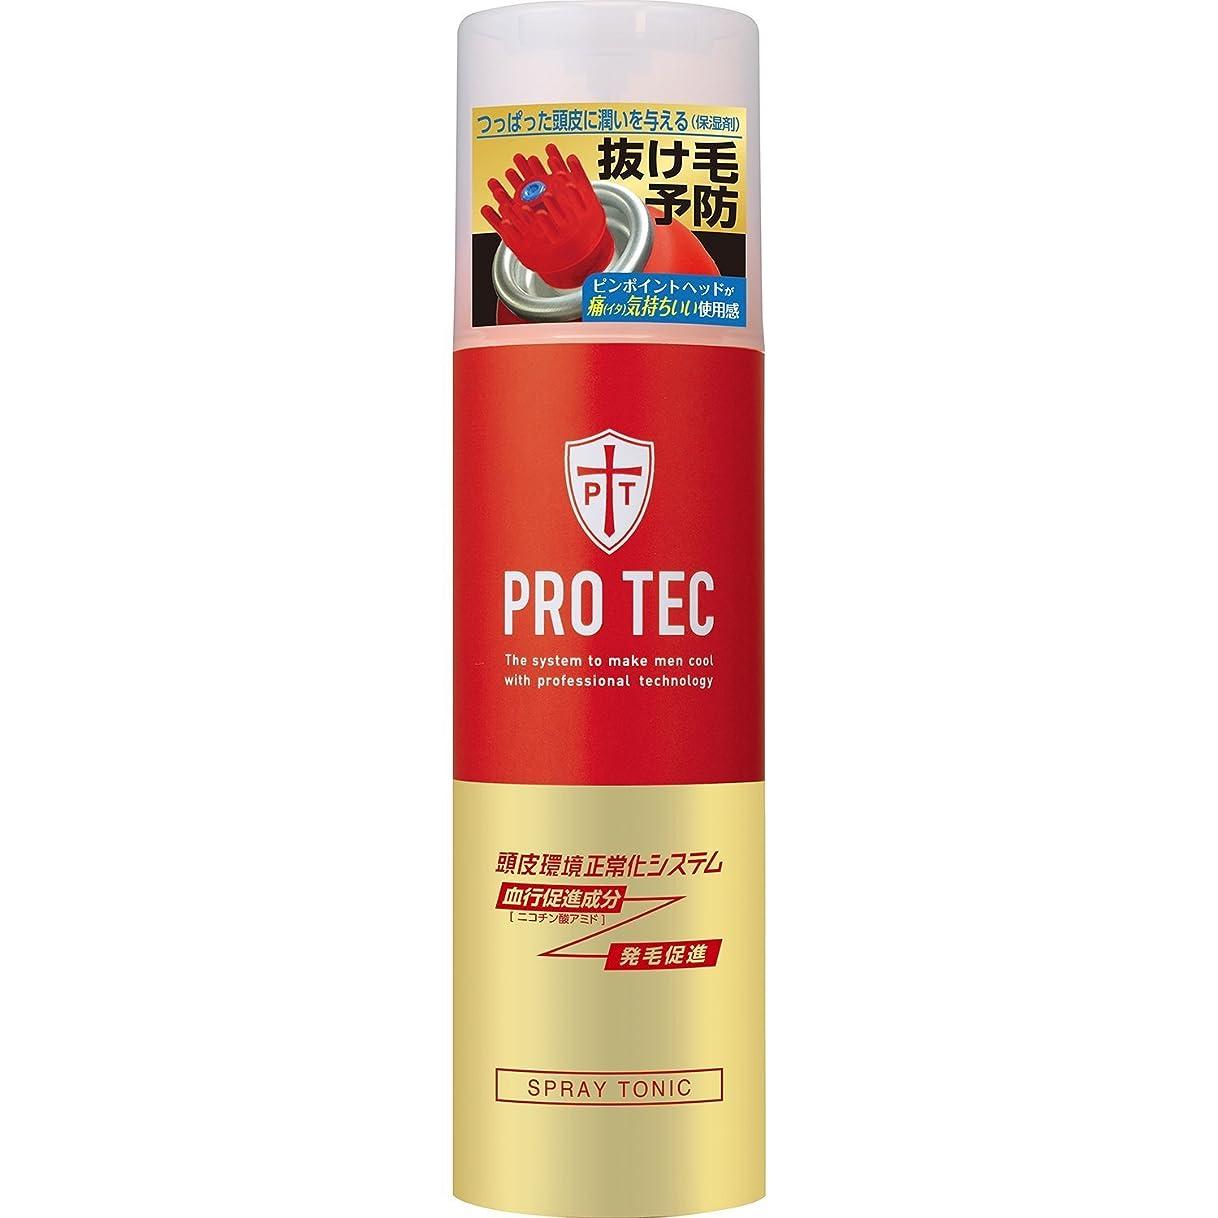 習慣成人期厚くするPRO TEC(プロテク) スプレートニック 150g (医薬部外品) ×20個セット